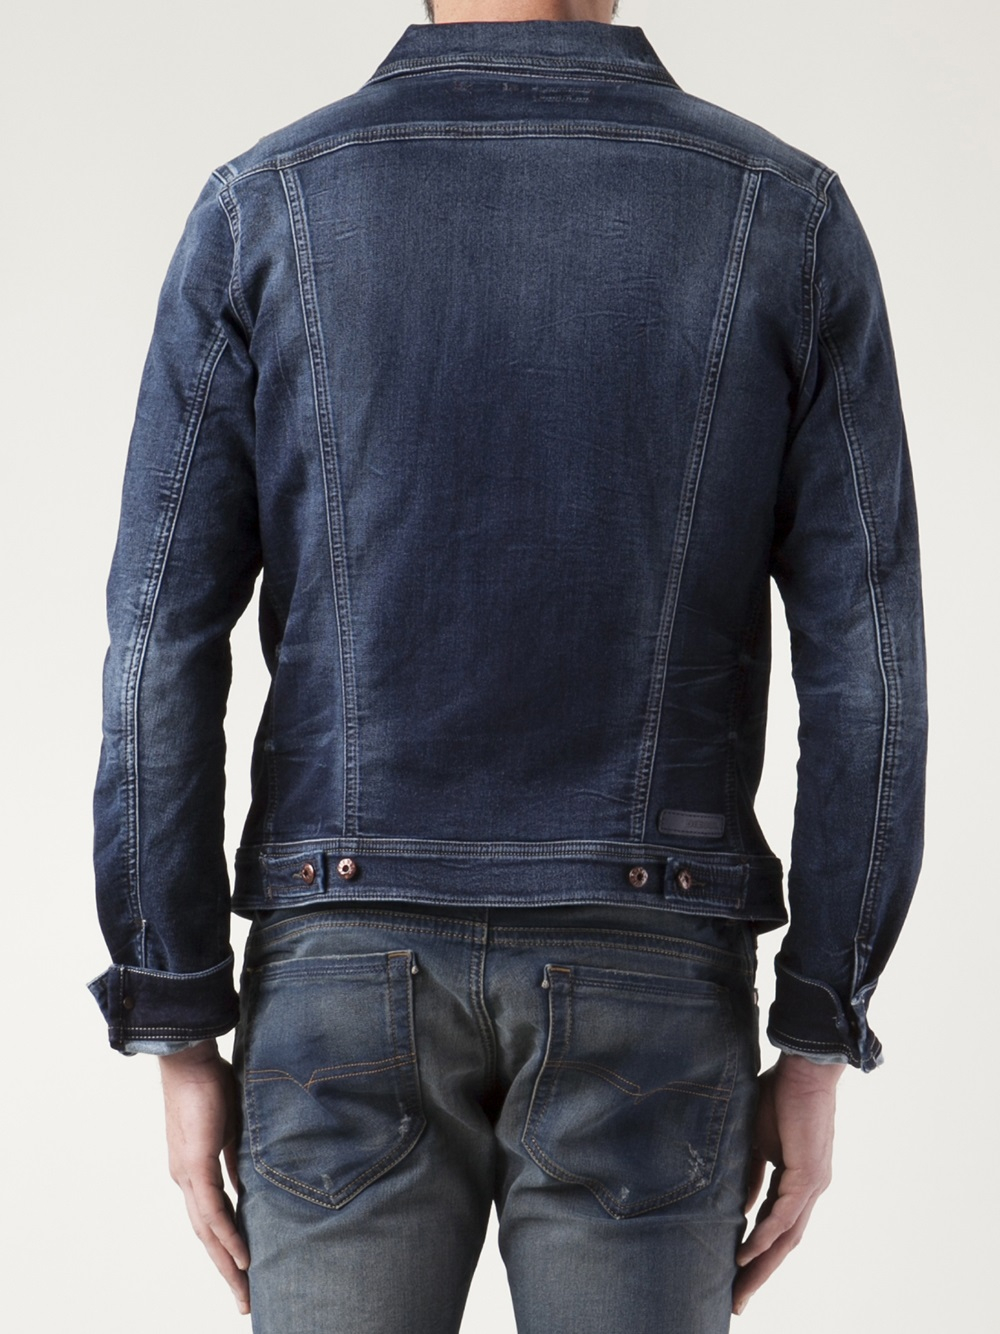 lyst diesel elshar jogg denim jacket in blue for men. Black Bedroom Furniture Sets. Home Design Ideas